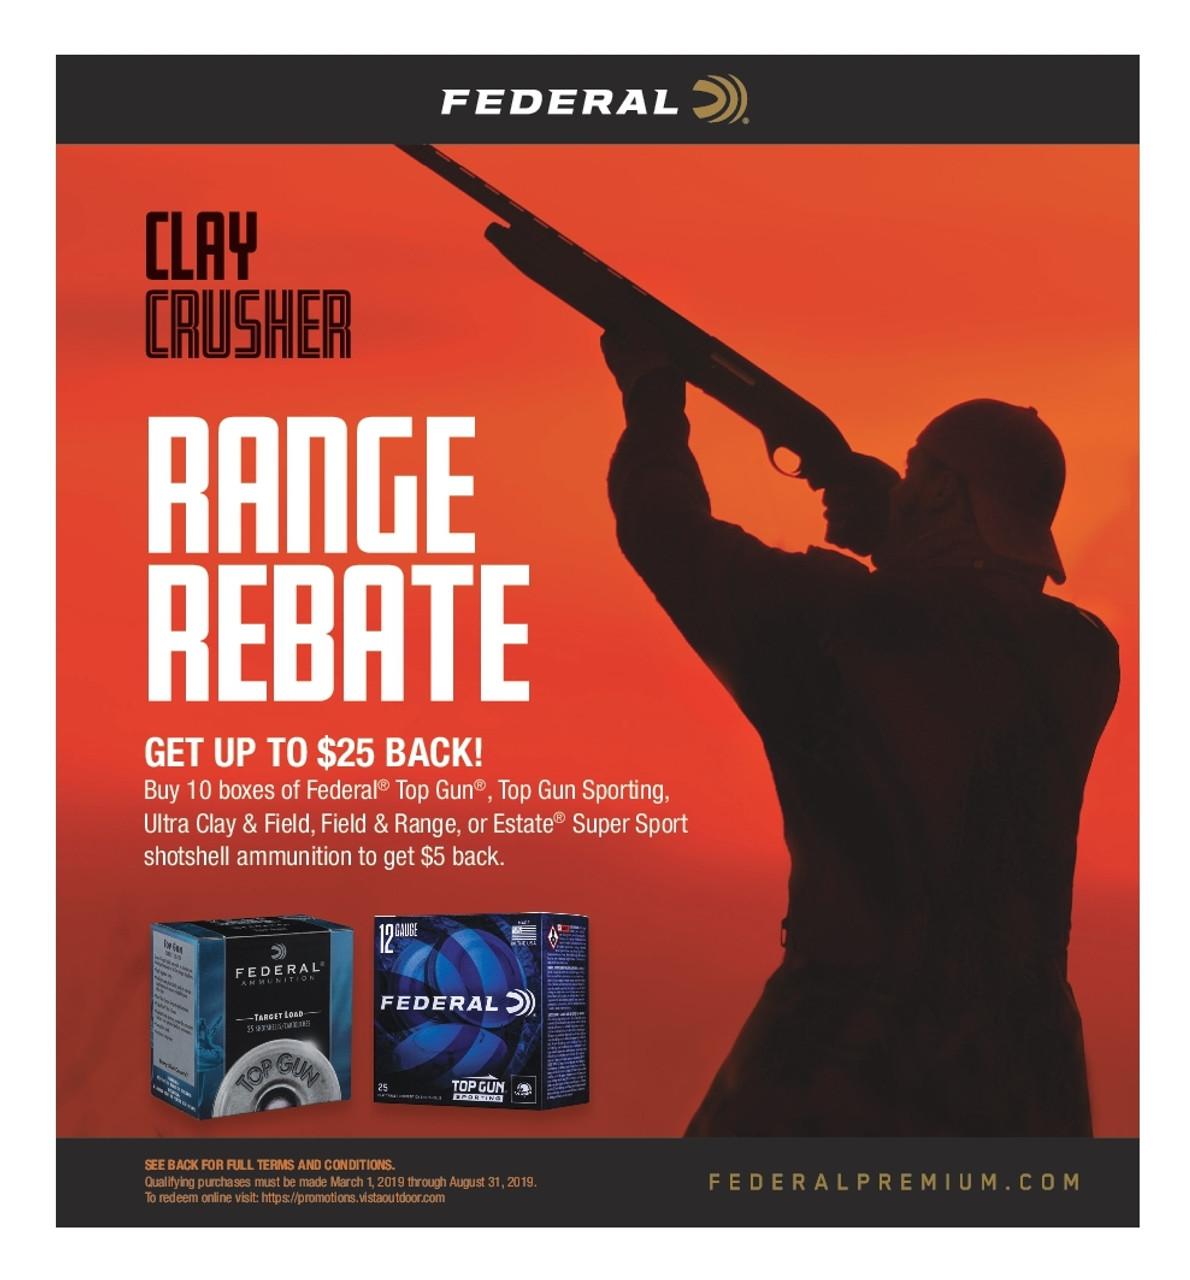 Federal Clay Crusher Range Rebate